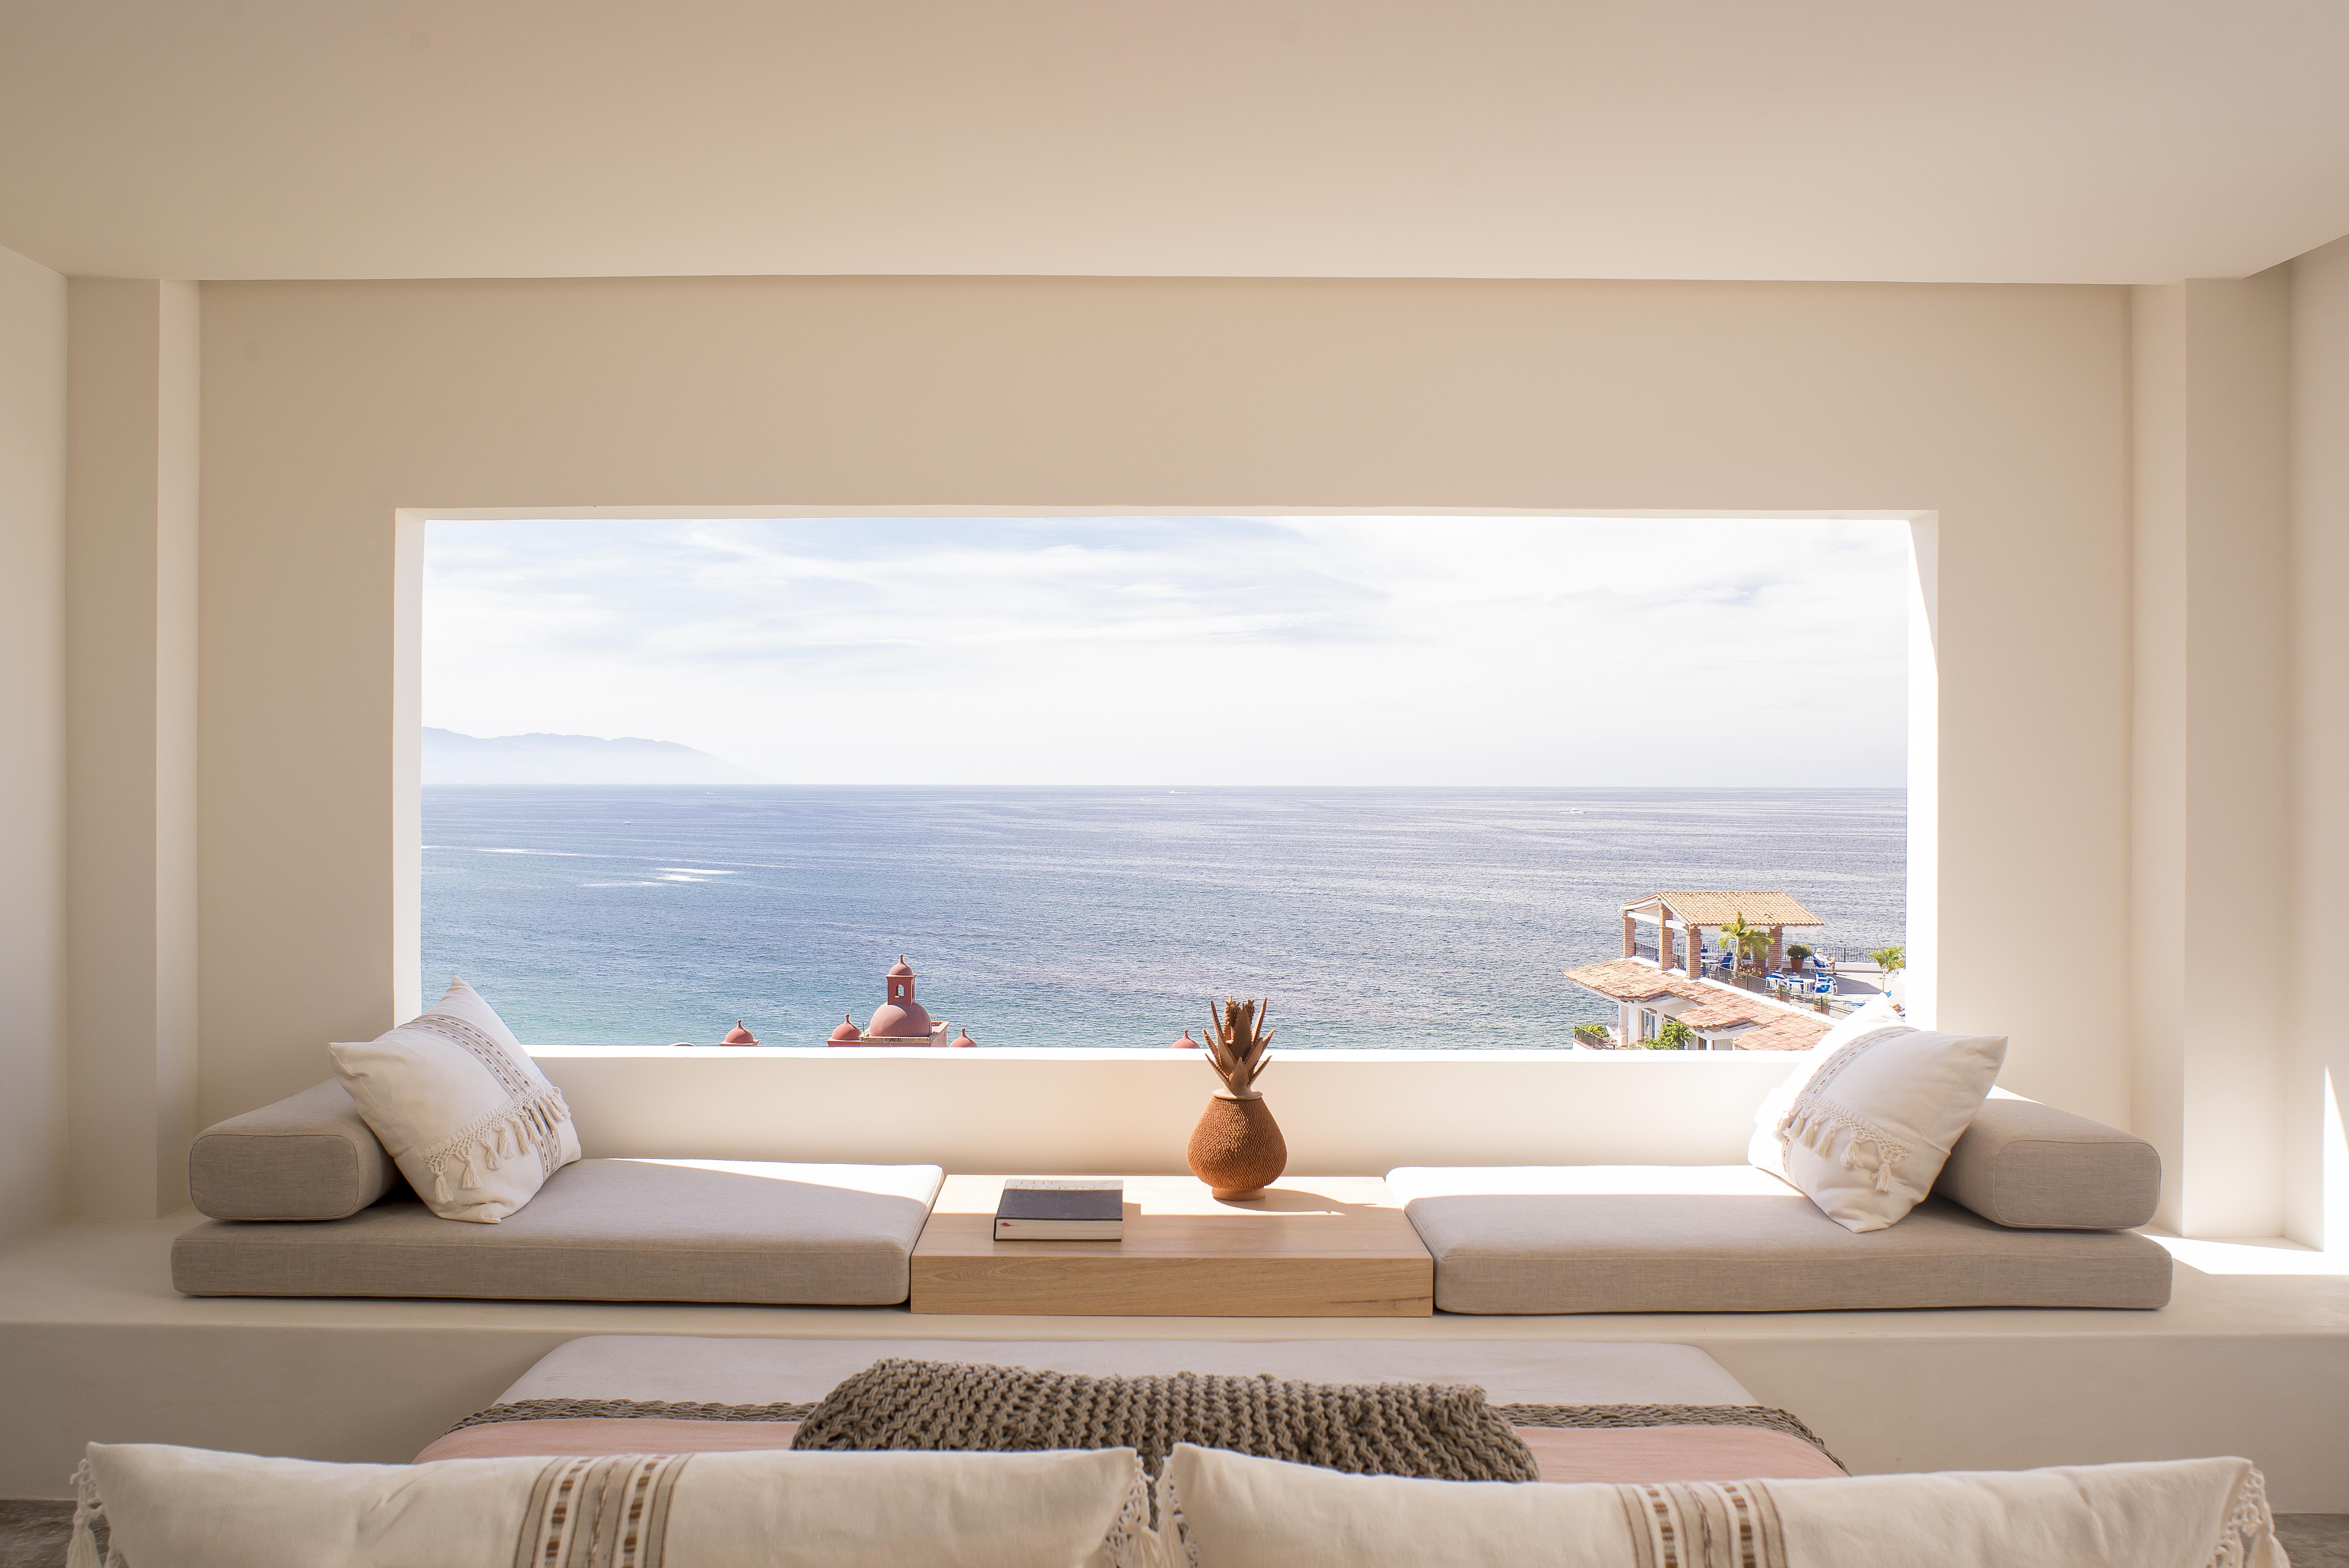 AMAPA - Suite View